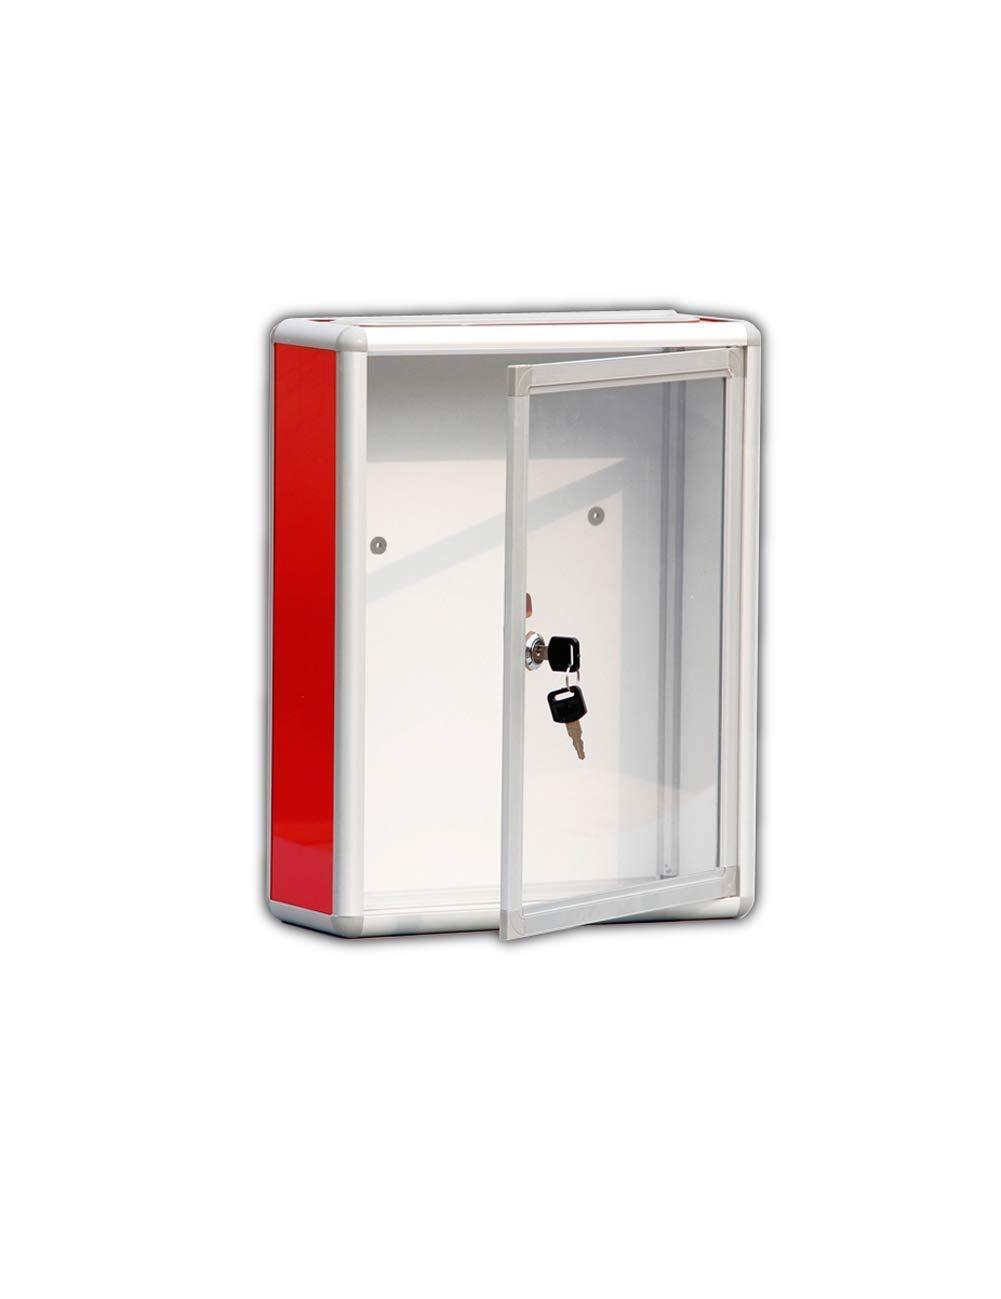 TYUIO 大型キードロップボックス - 大容量商業用グレード収納ボックス - 安全で安全な小包&パッケージ - 家庭用/ビジネス用(ホワイト)   B07TK6FDFG